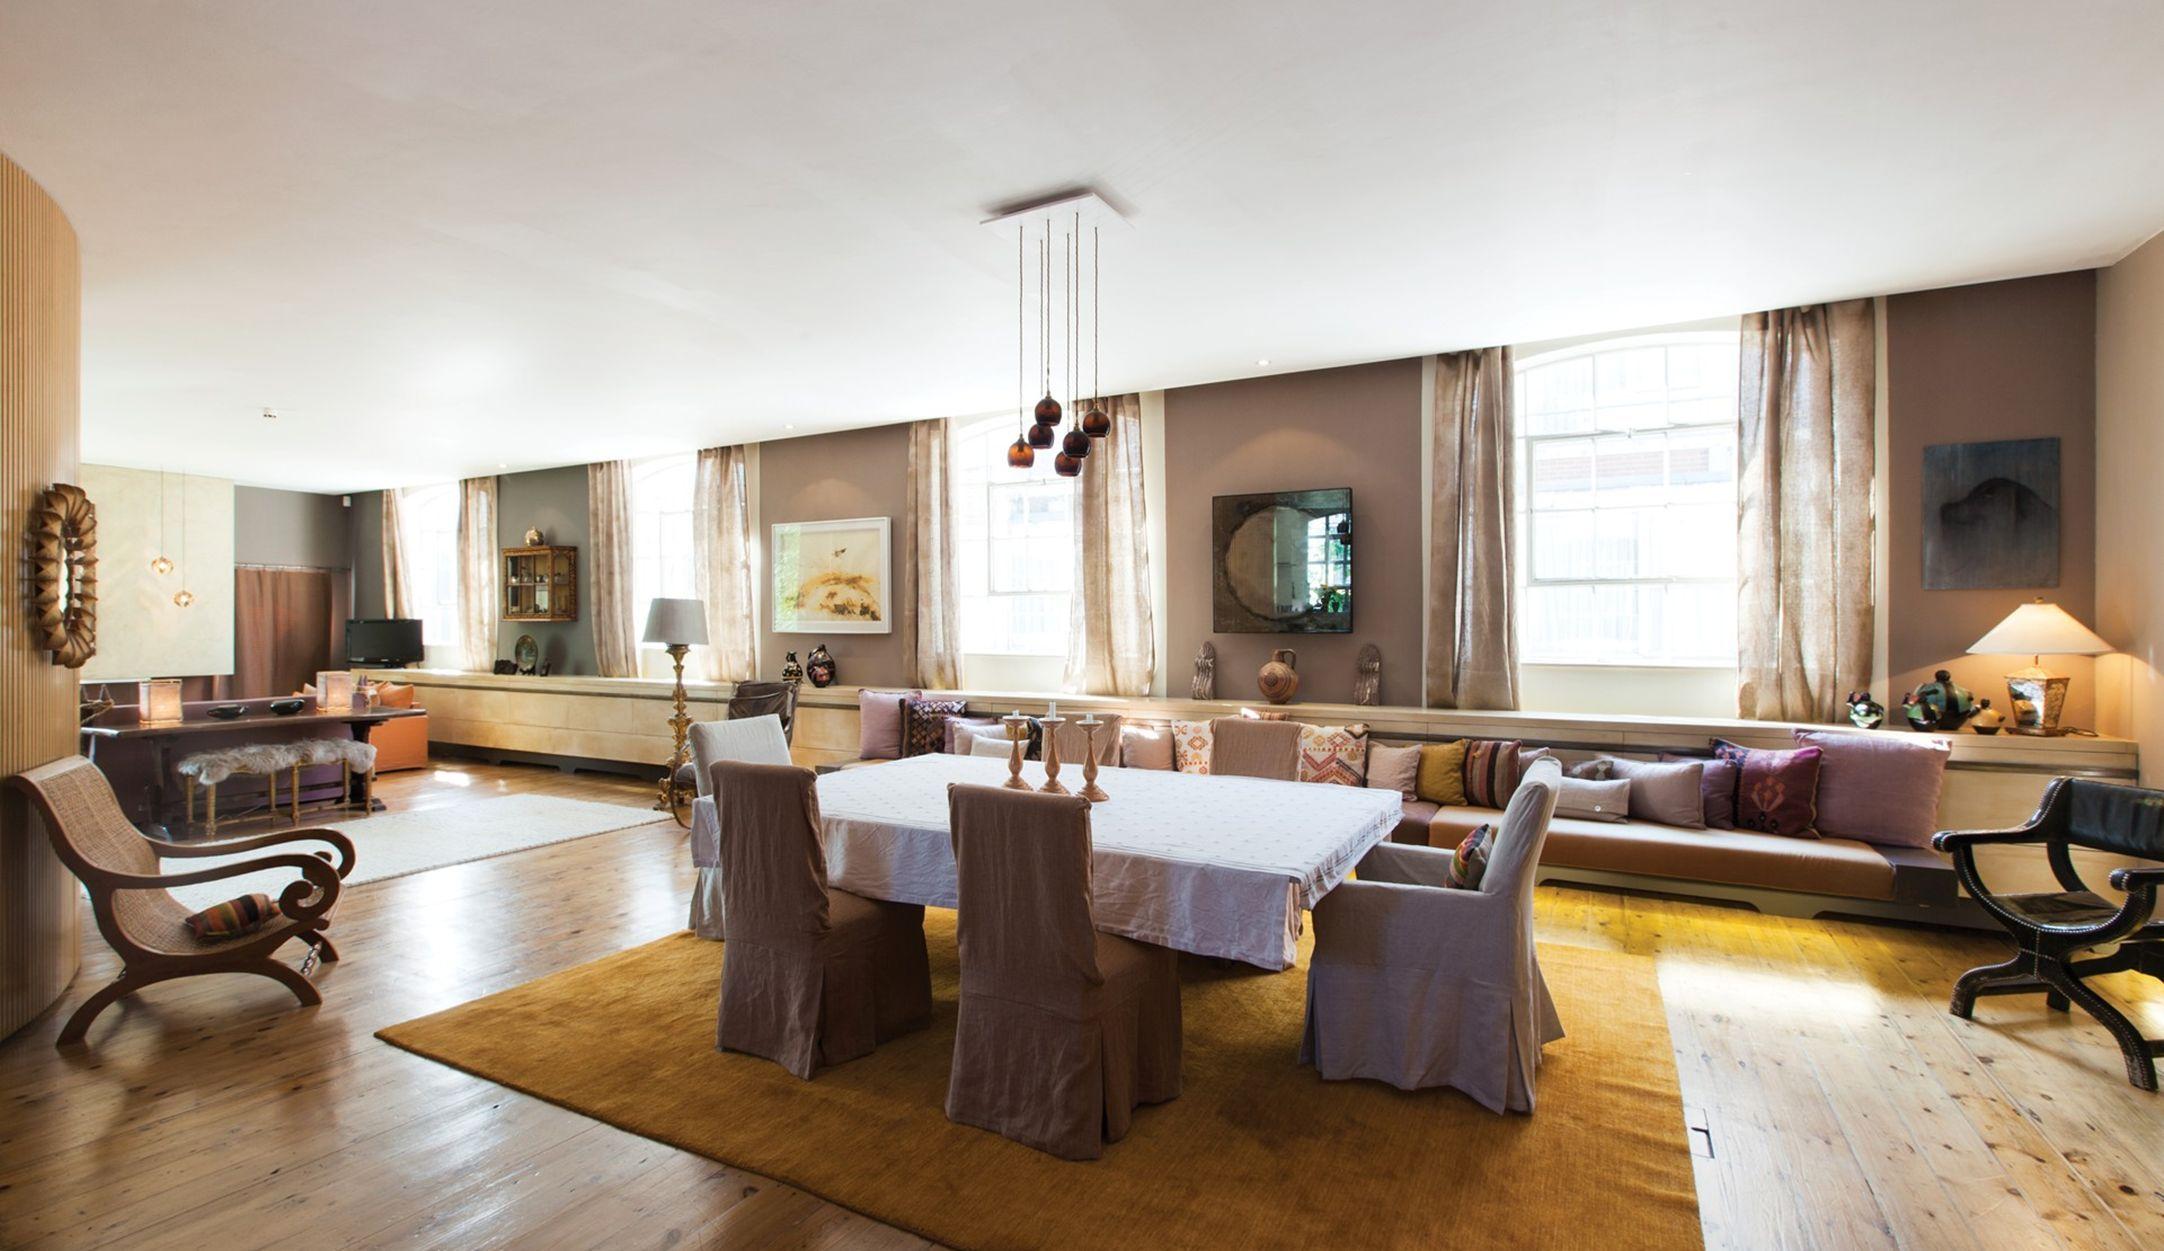 70 moderne innovative luxus interieur ideen frs wohnzimmer gross raum extravagant haengend lampen essbereich